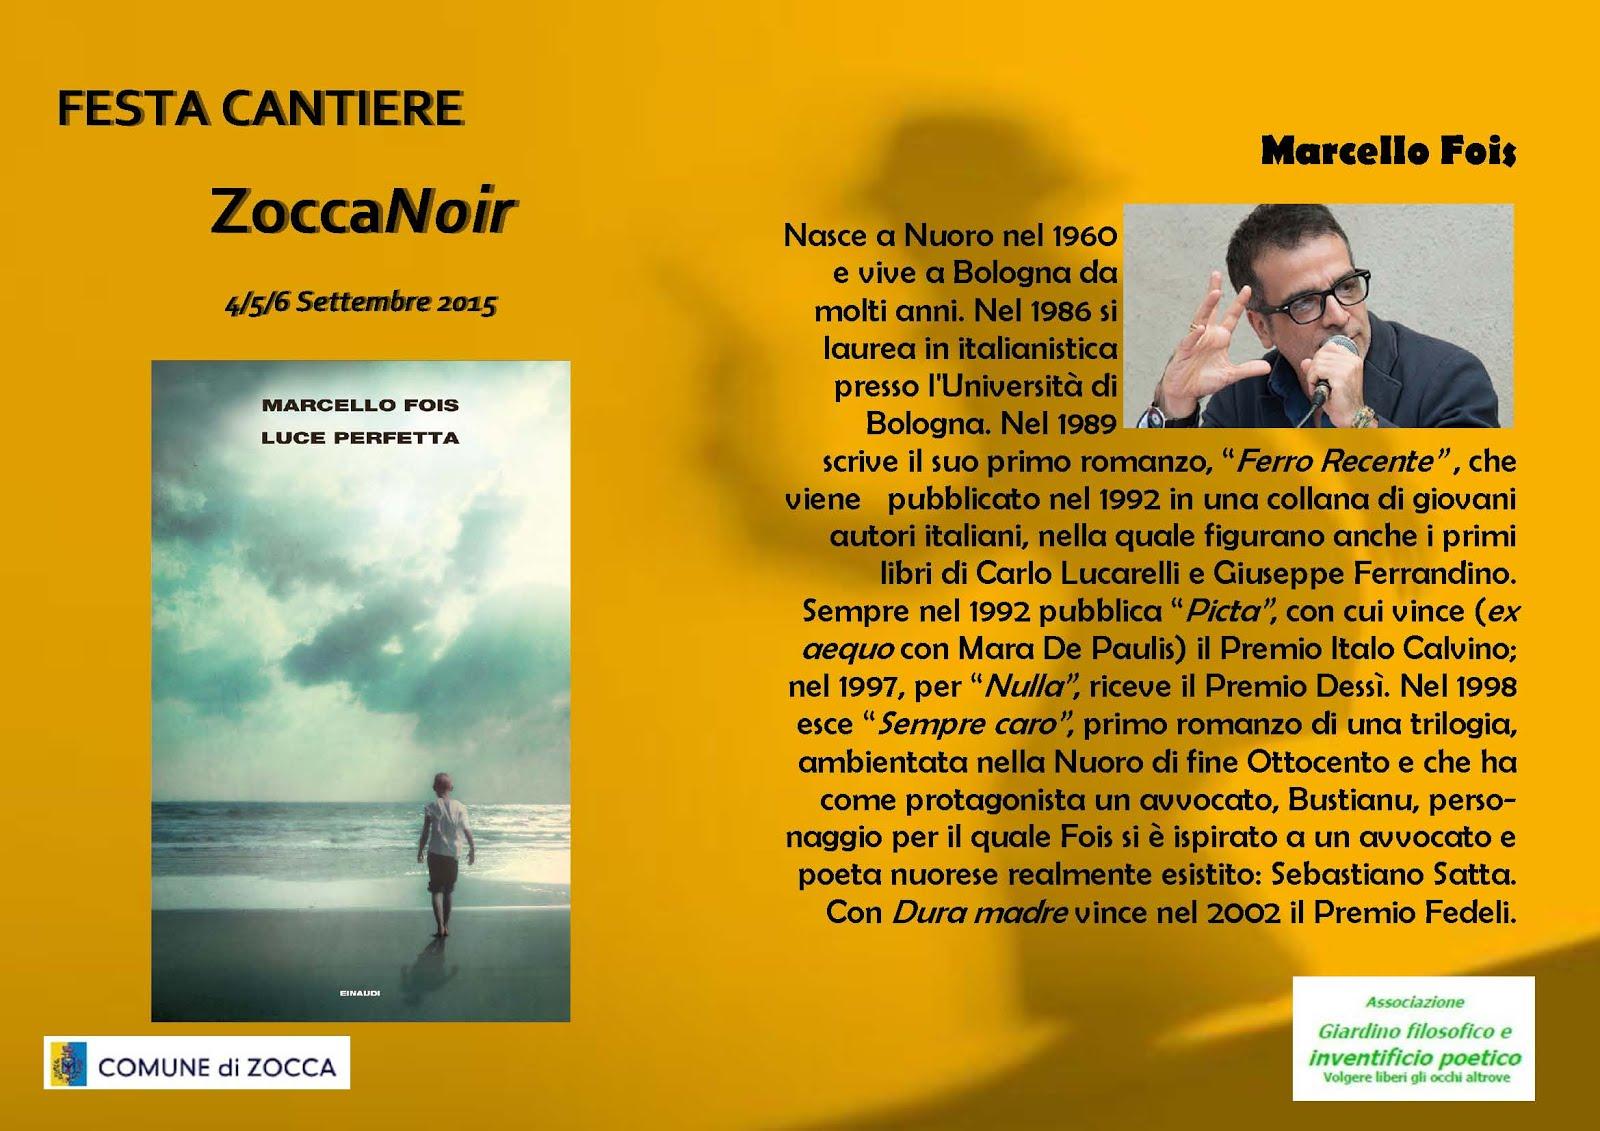 Biografia Marcello Fois